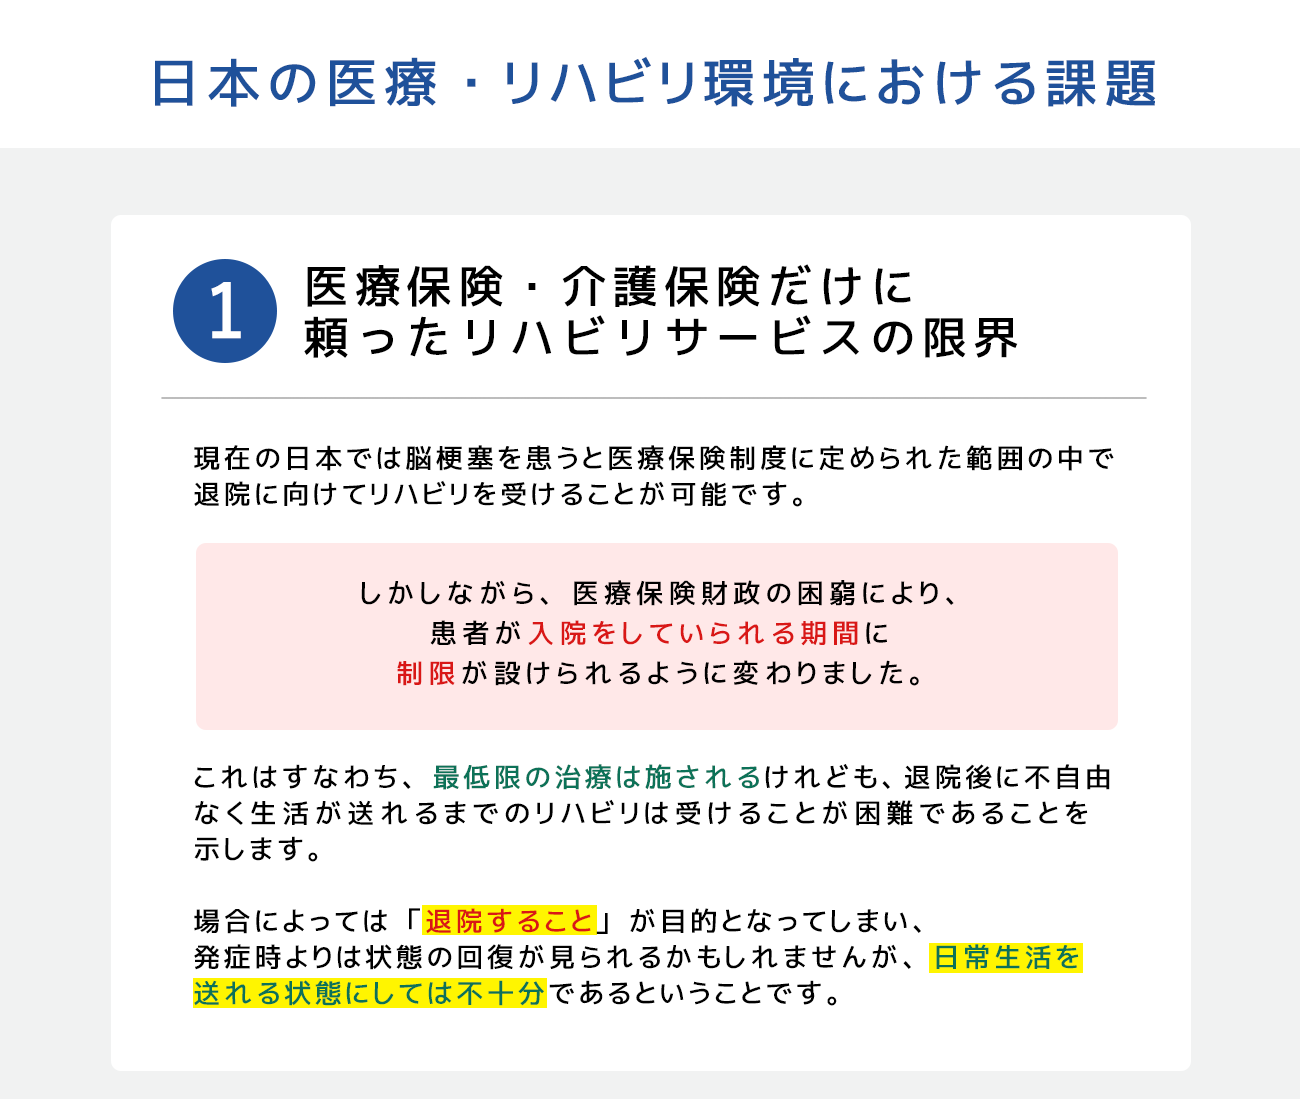 日本の医療・リハビリ環境における課題